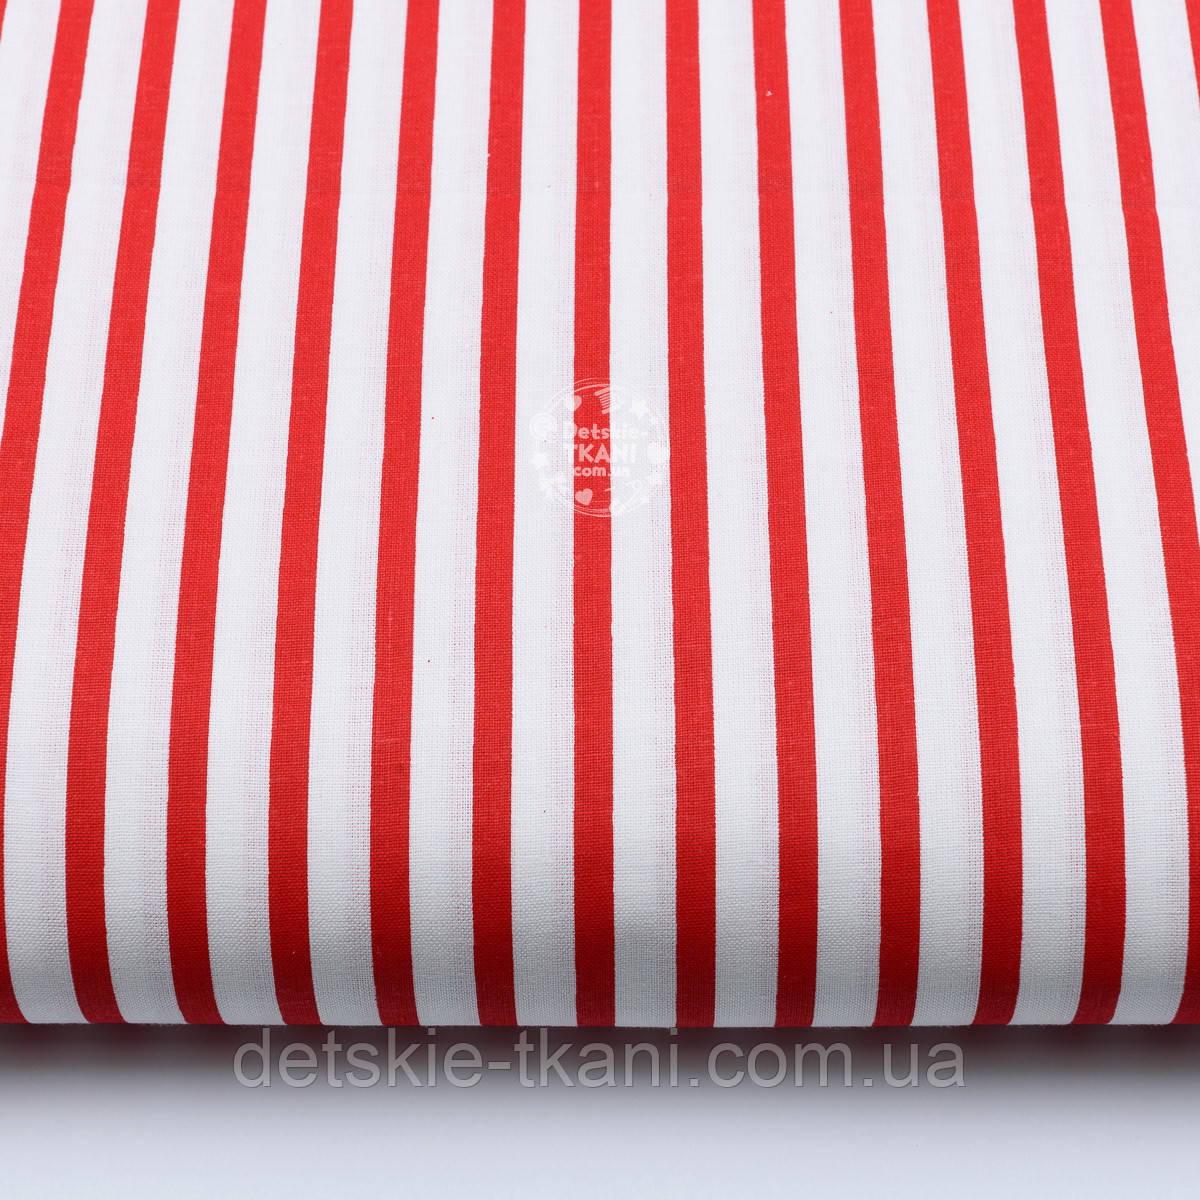 Бязь с красной полоской шириной 6 мм (№ 136а).